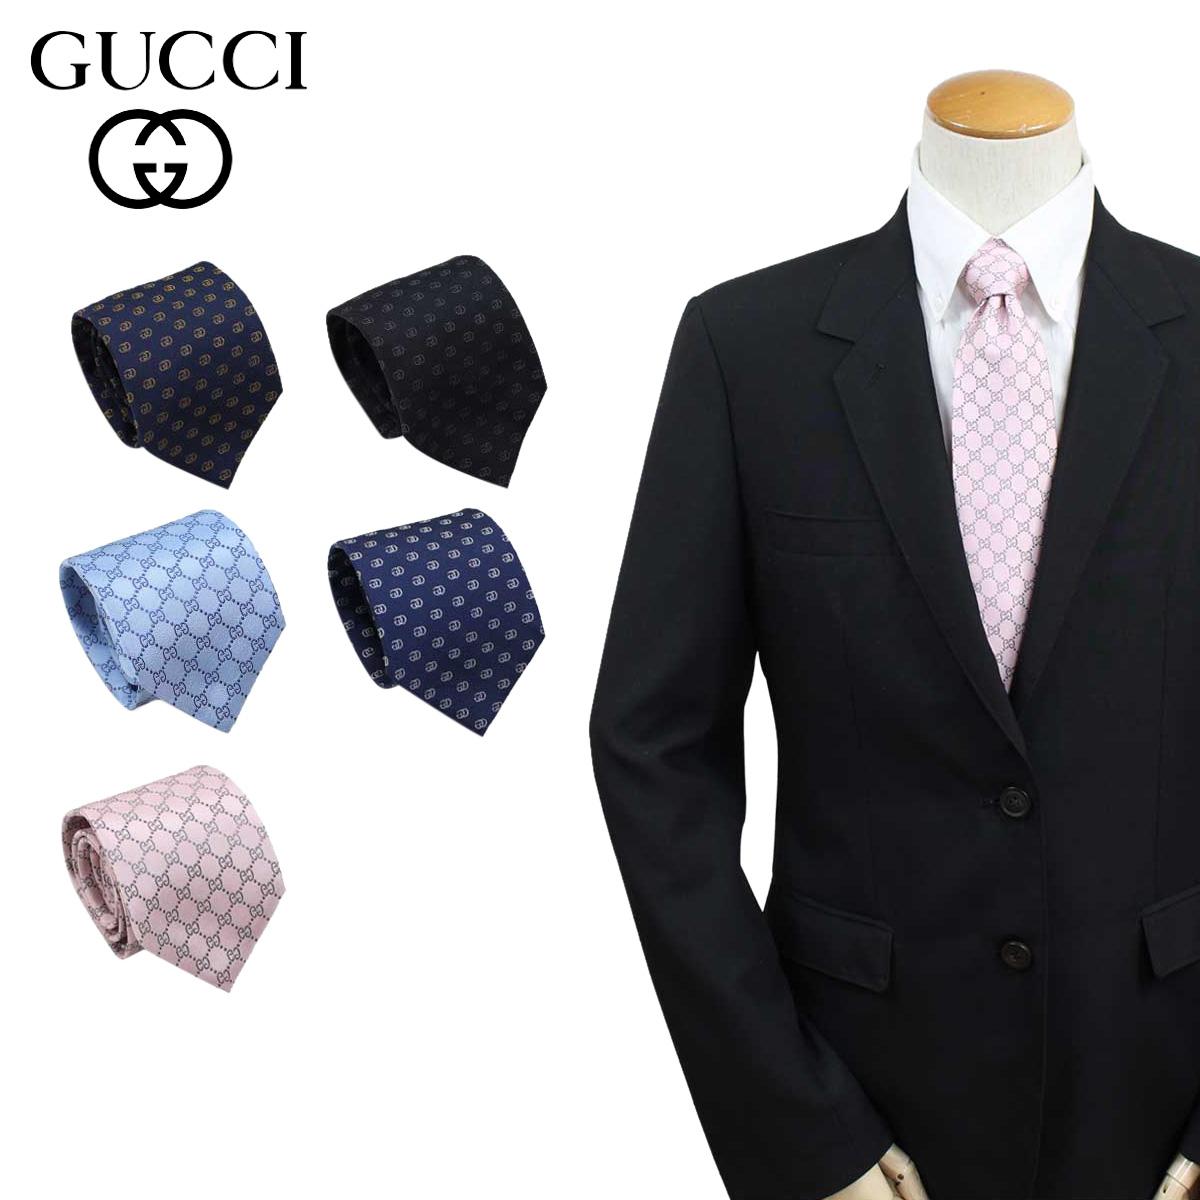 GUCCI TIE グッチ ネクタイ イタリア製 シルク ビジネス 結婚式 メンズ [183]